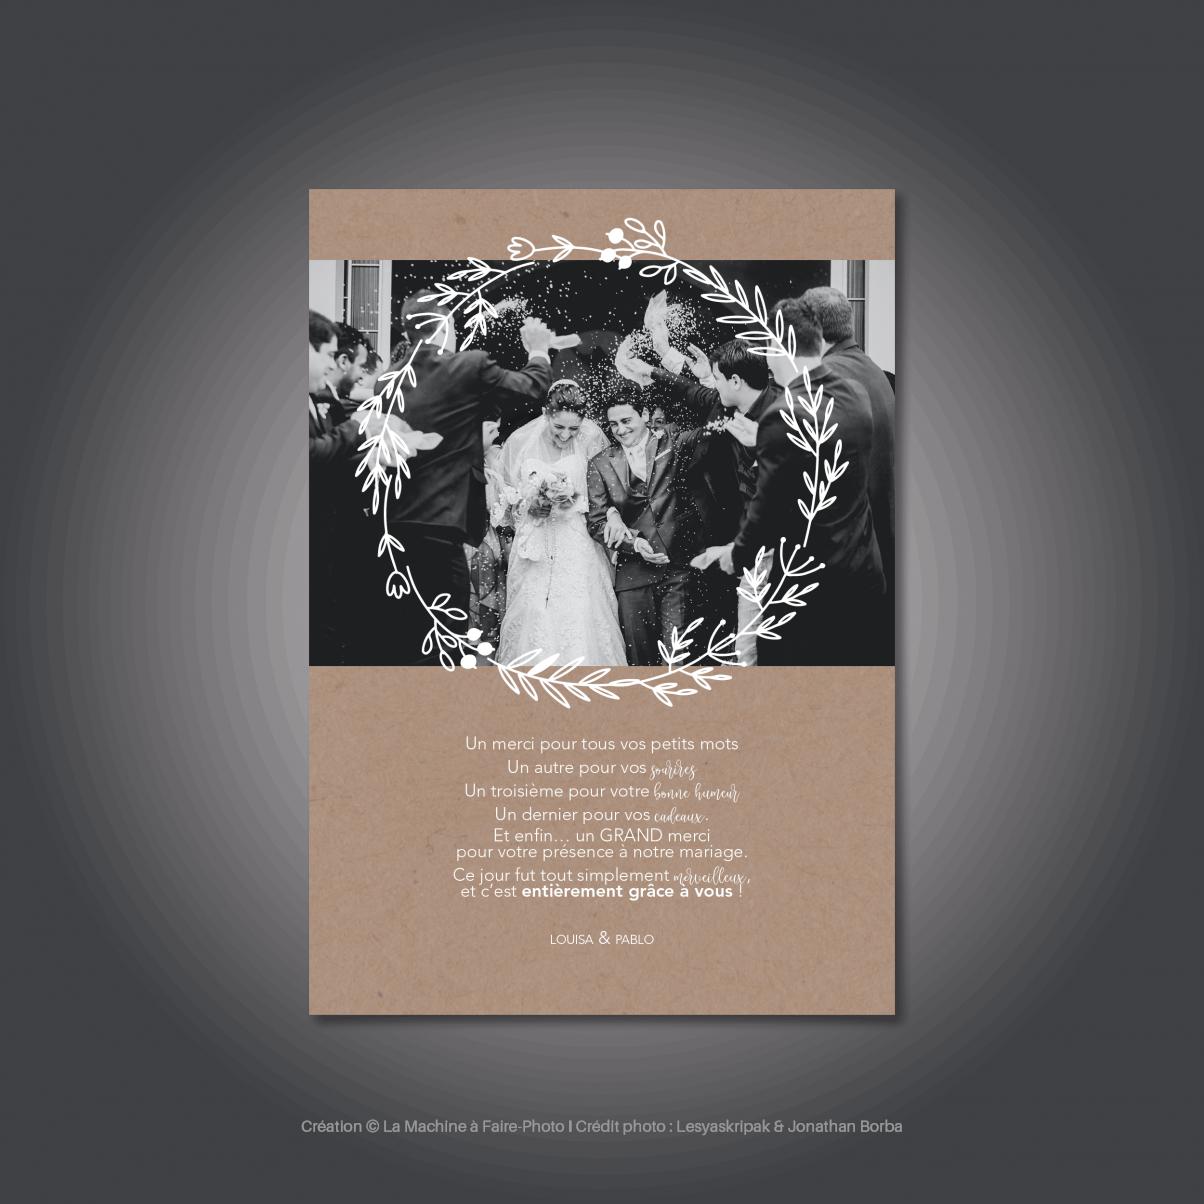 Le carton de remerciements mariage de Louisa & Pablo